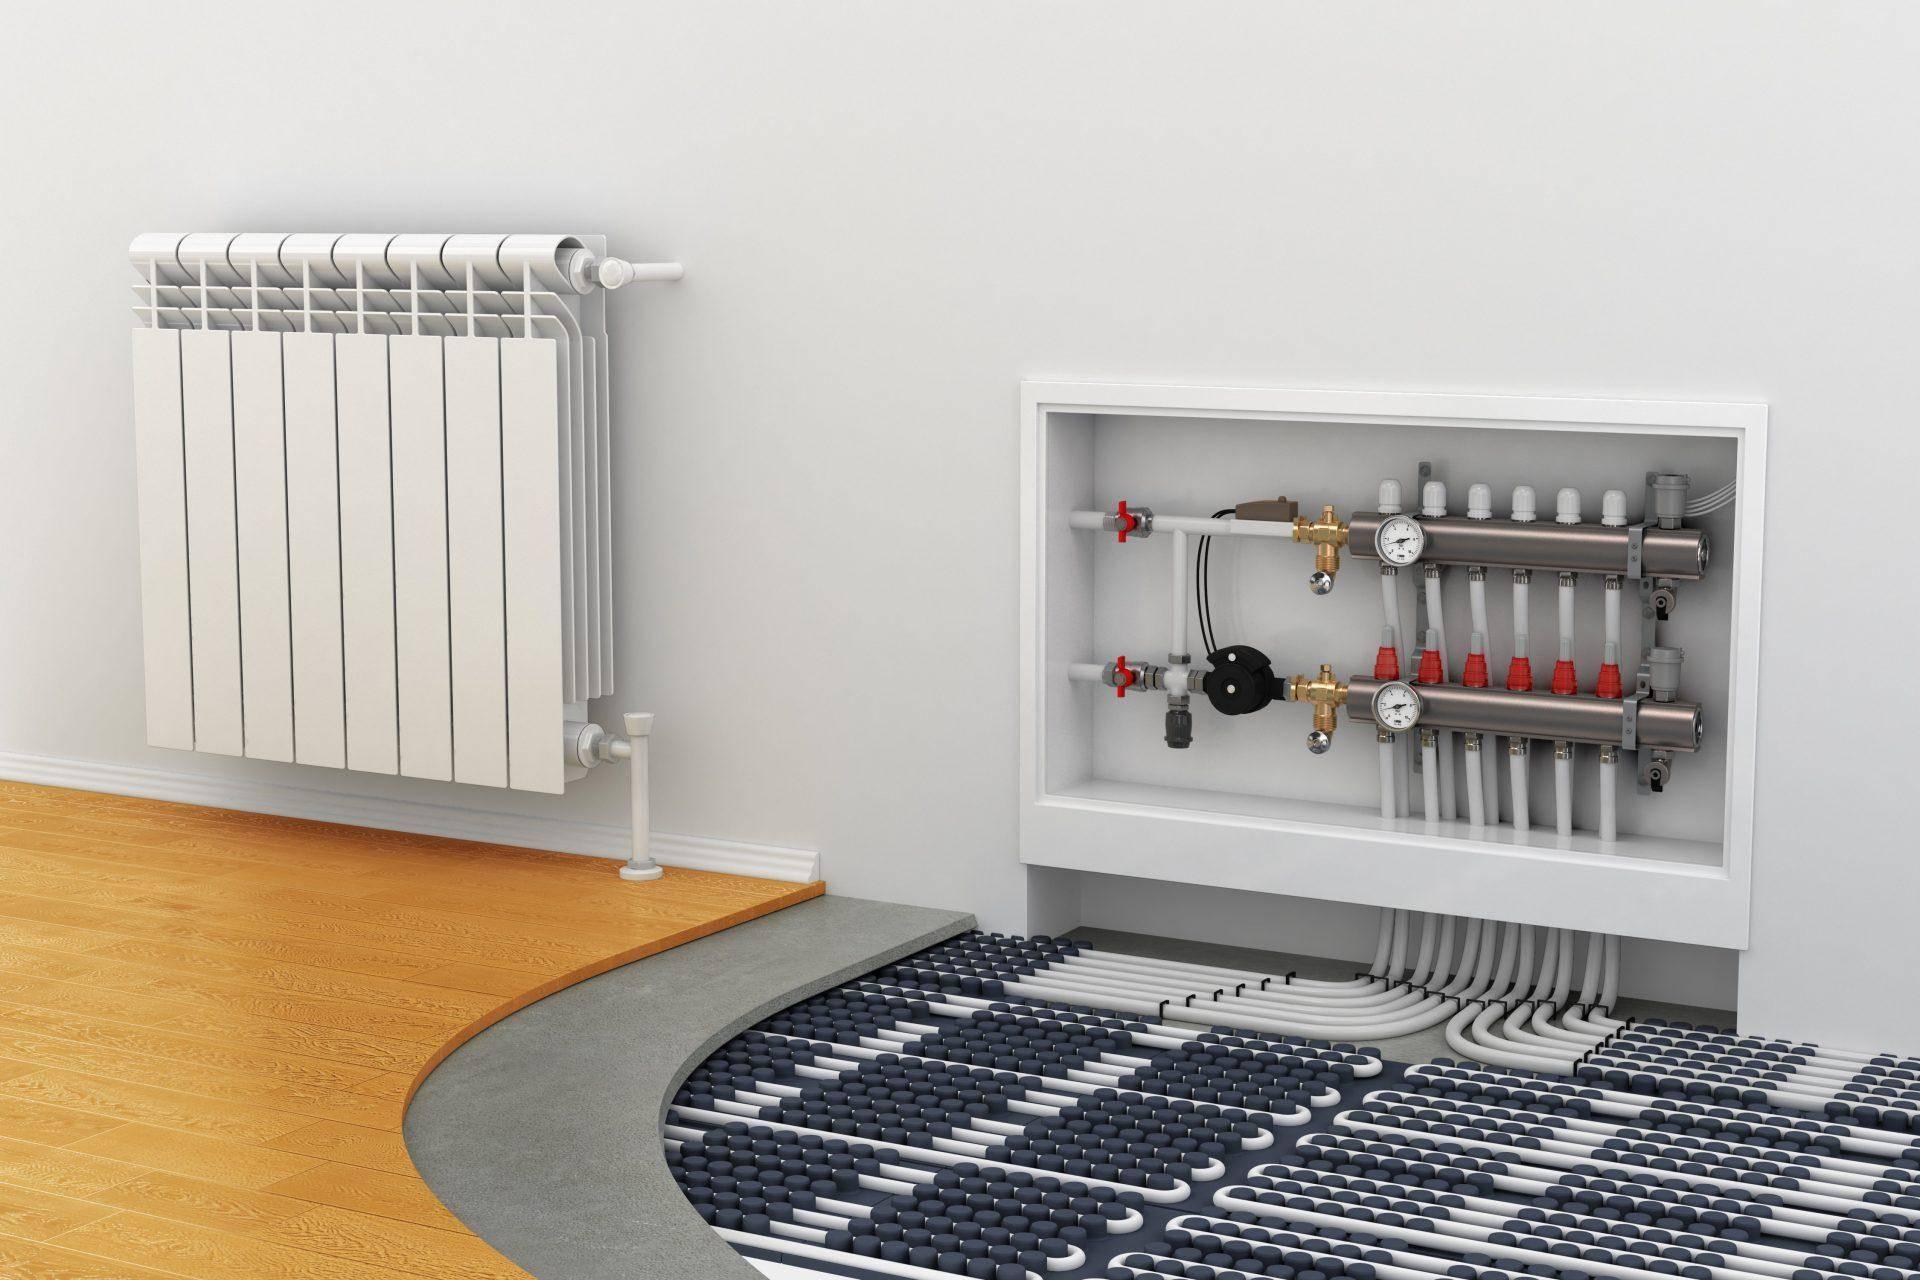 Теплый пол, как основное отопление частного дома. мифы и особенности